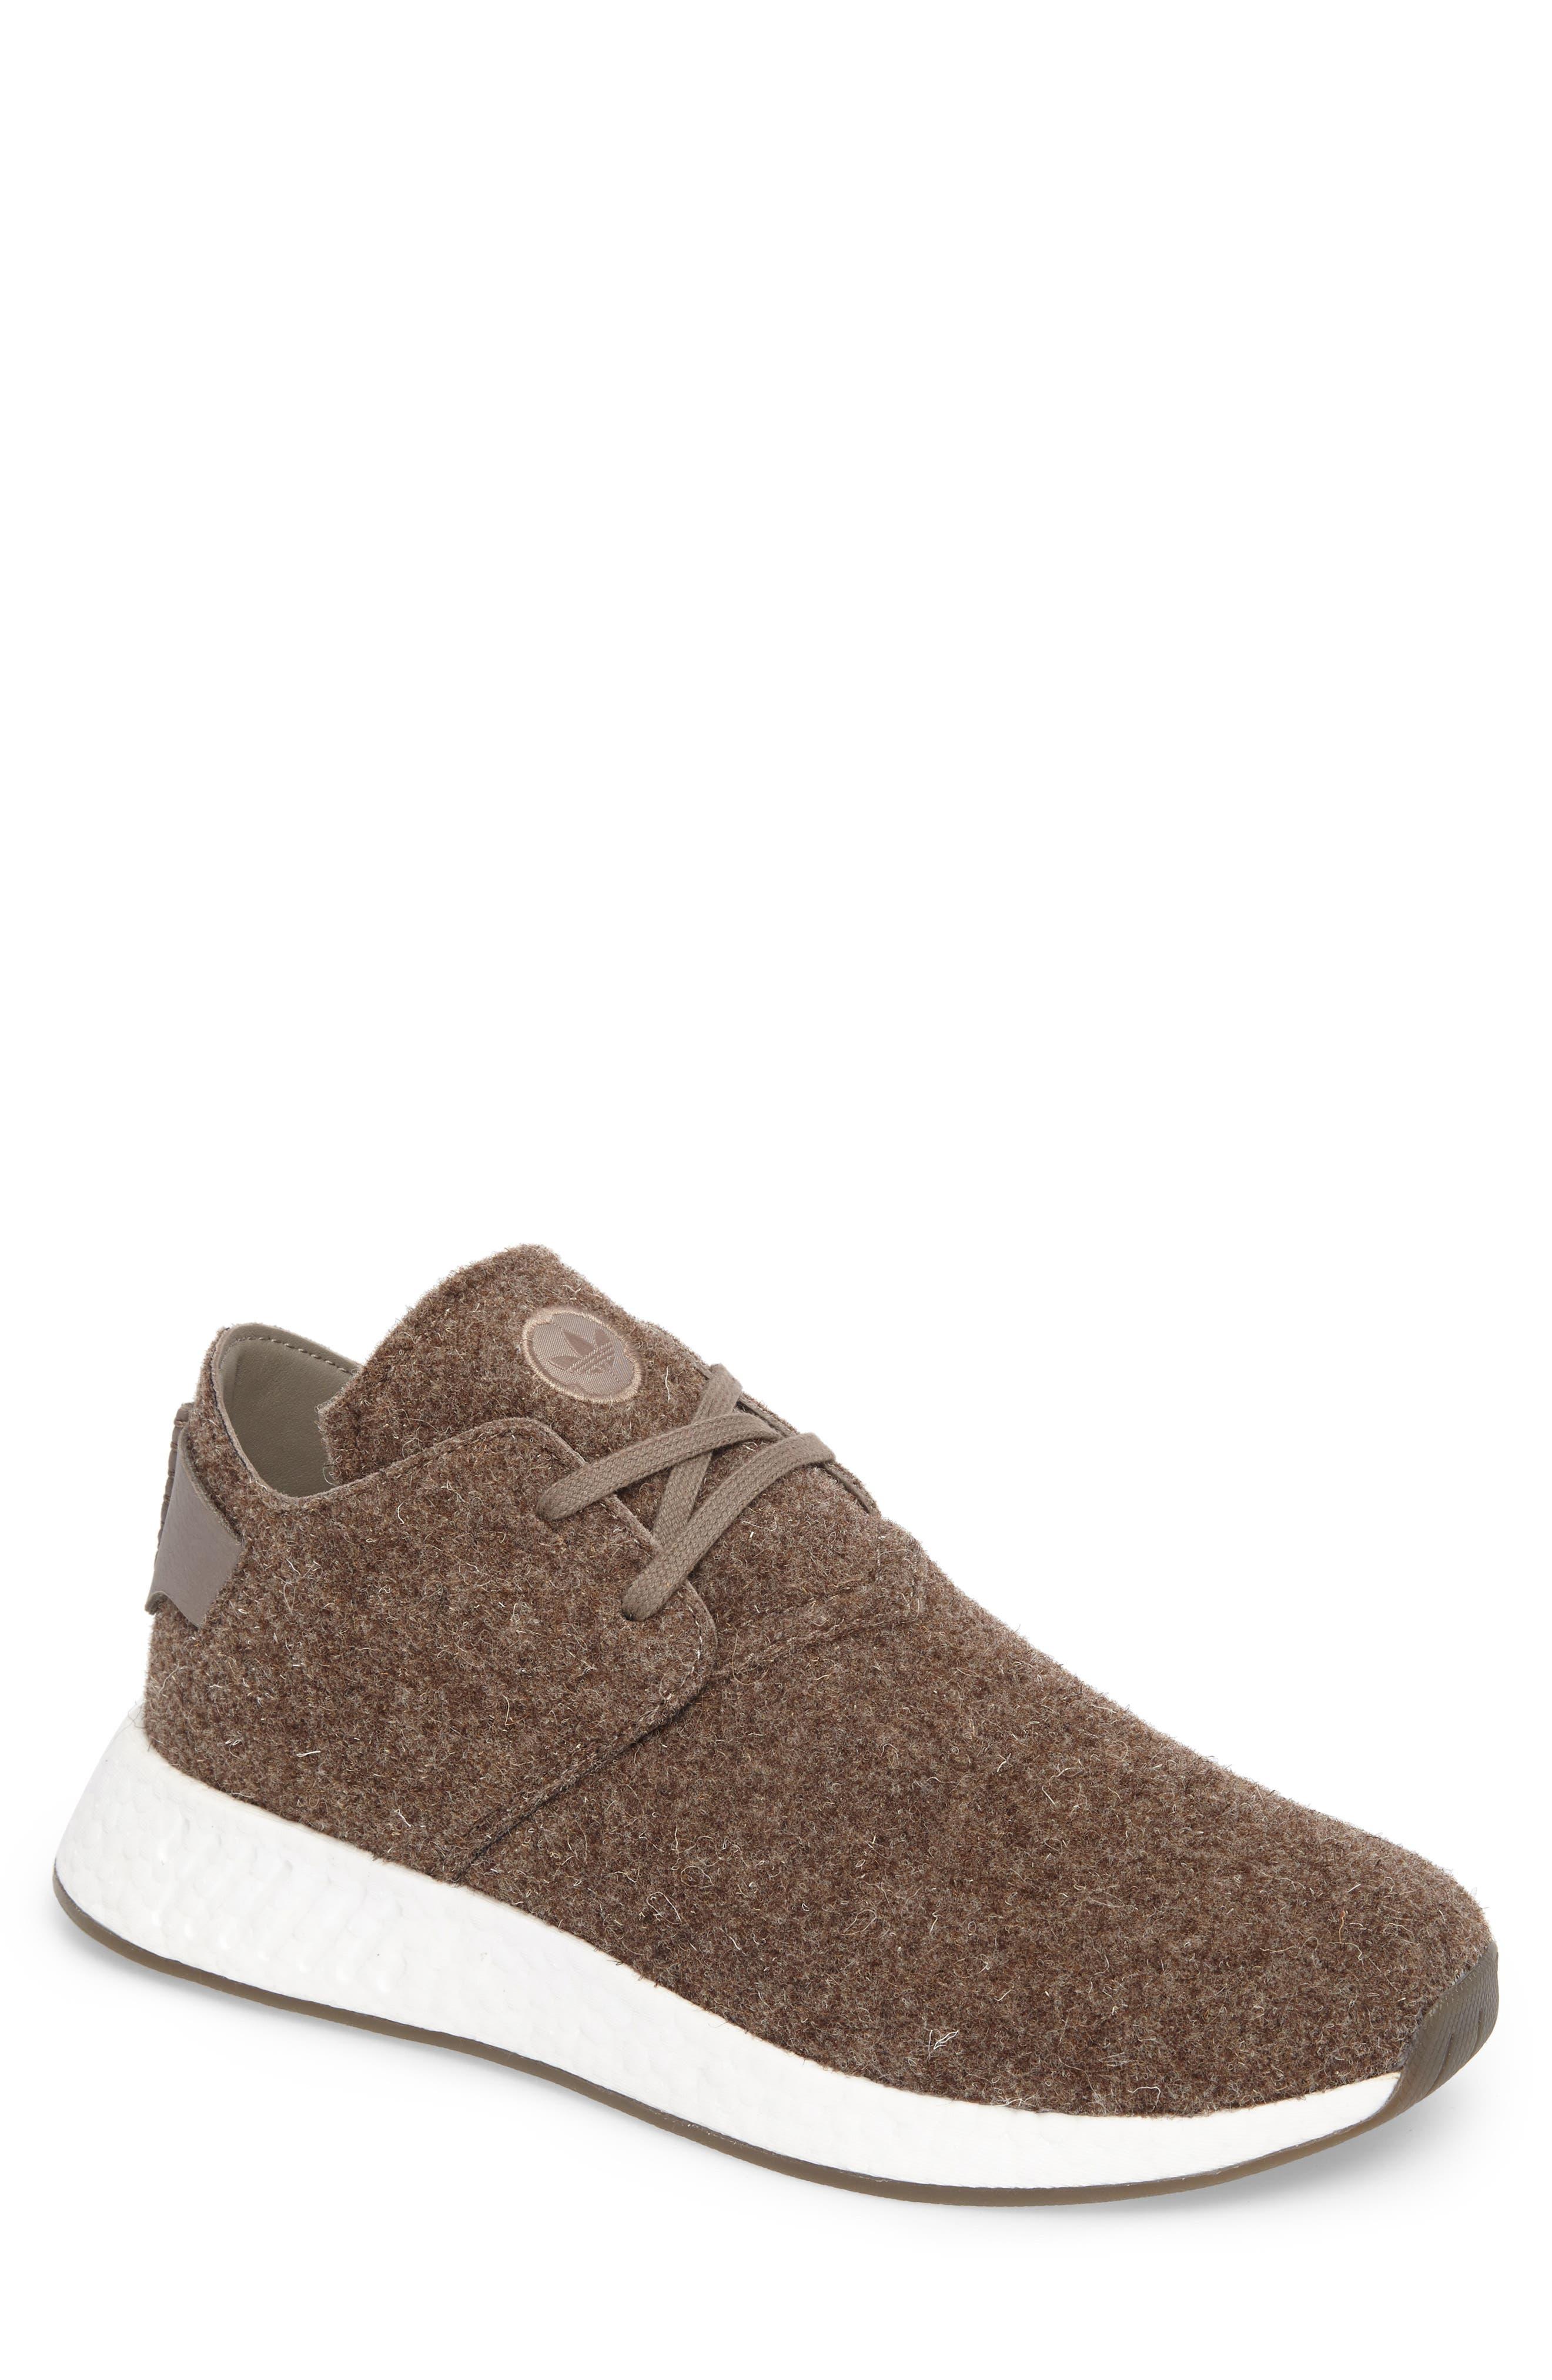 NMD C2 Sneaker (Men0,                             Main thumbnail 1, color,                             Simple Brown/ Gum